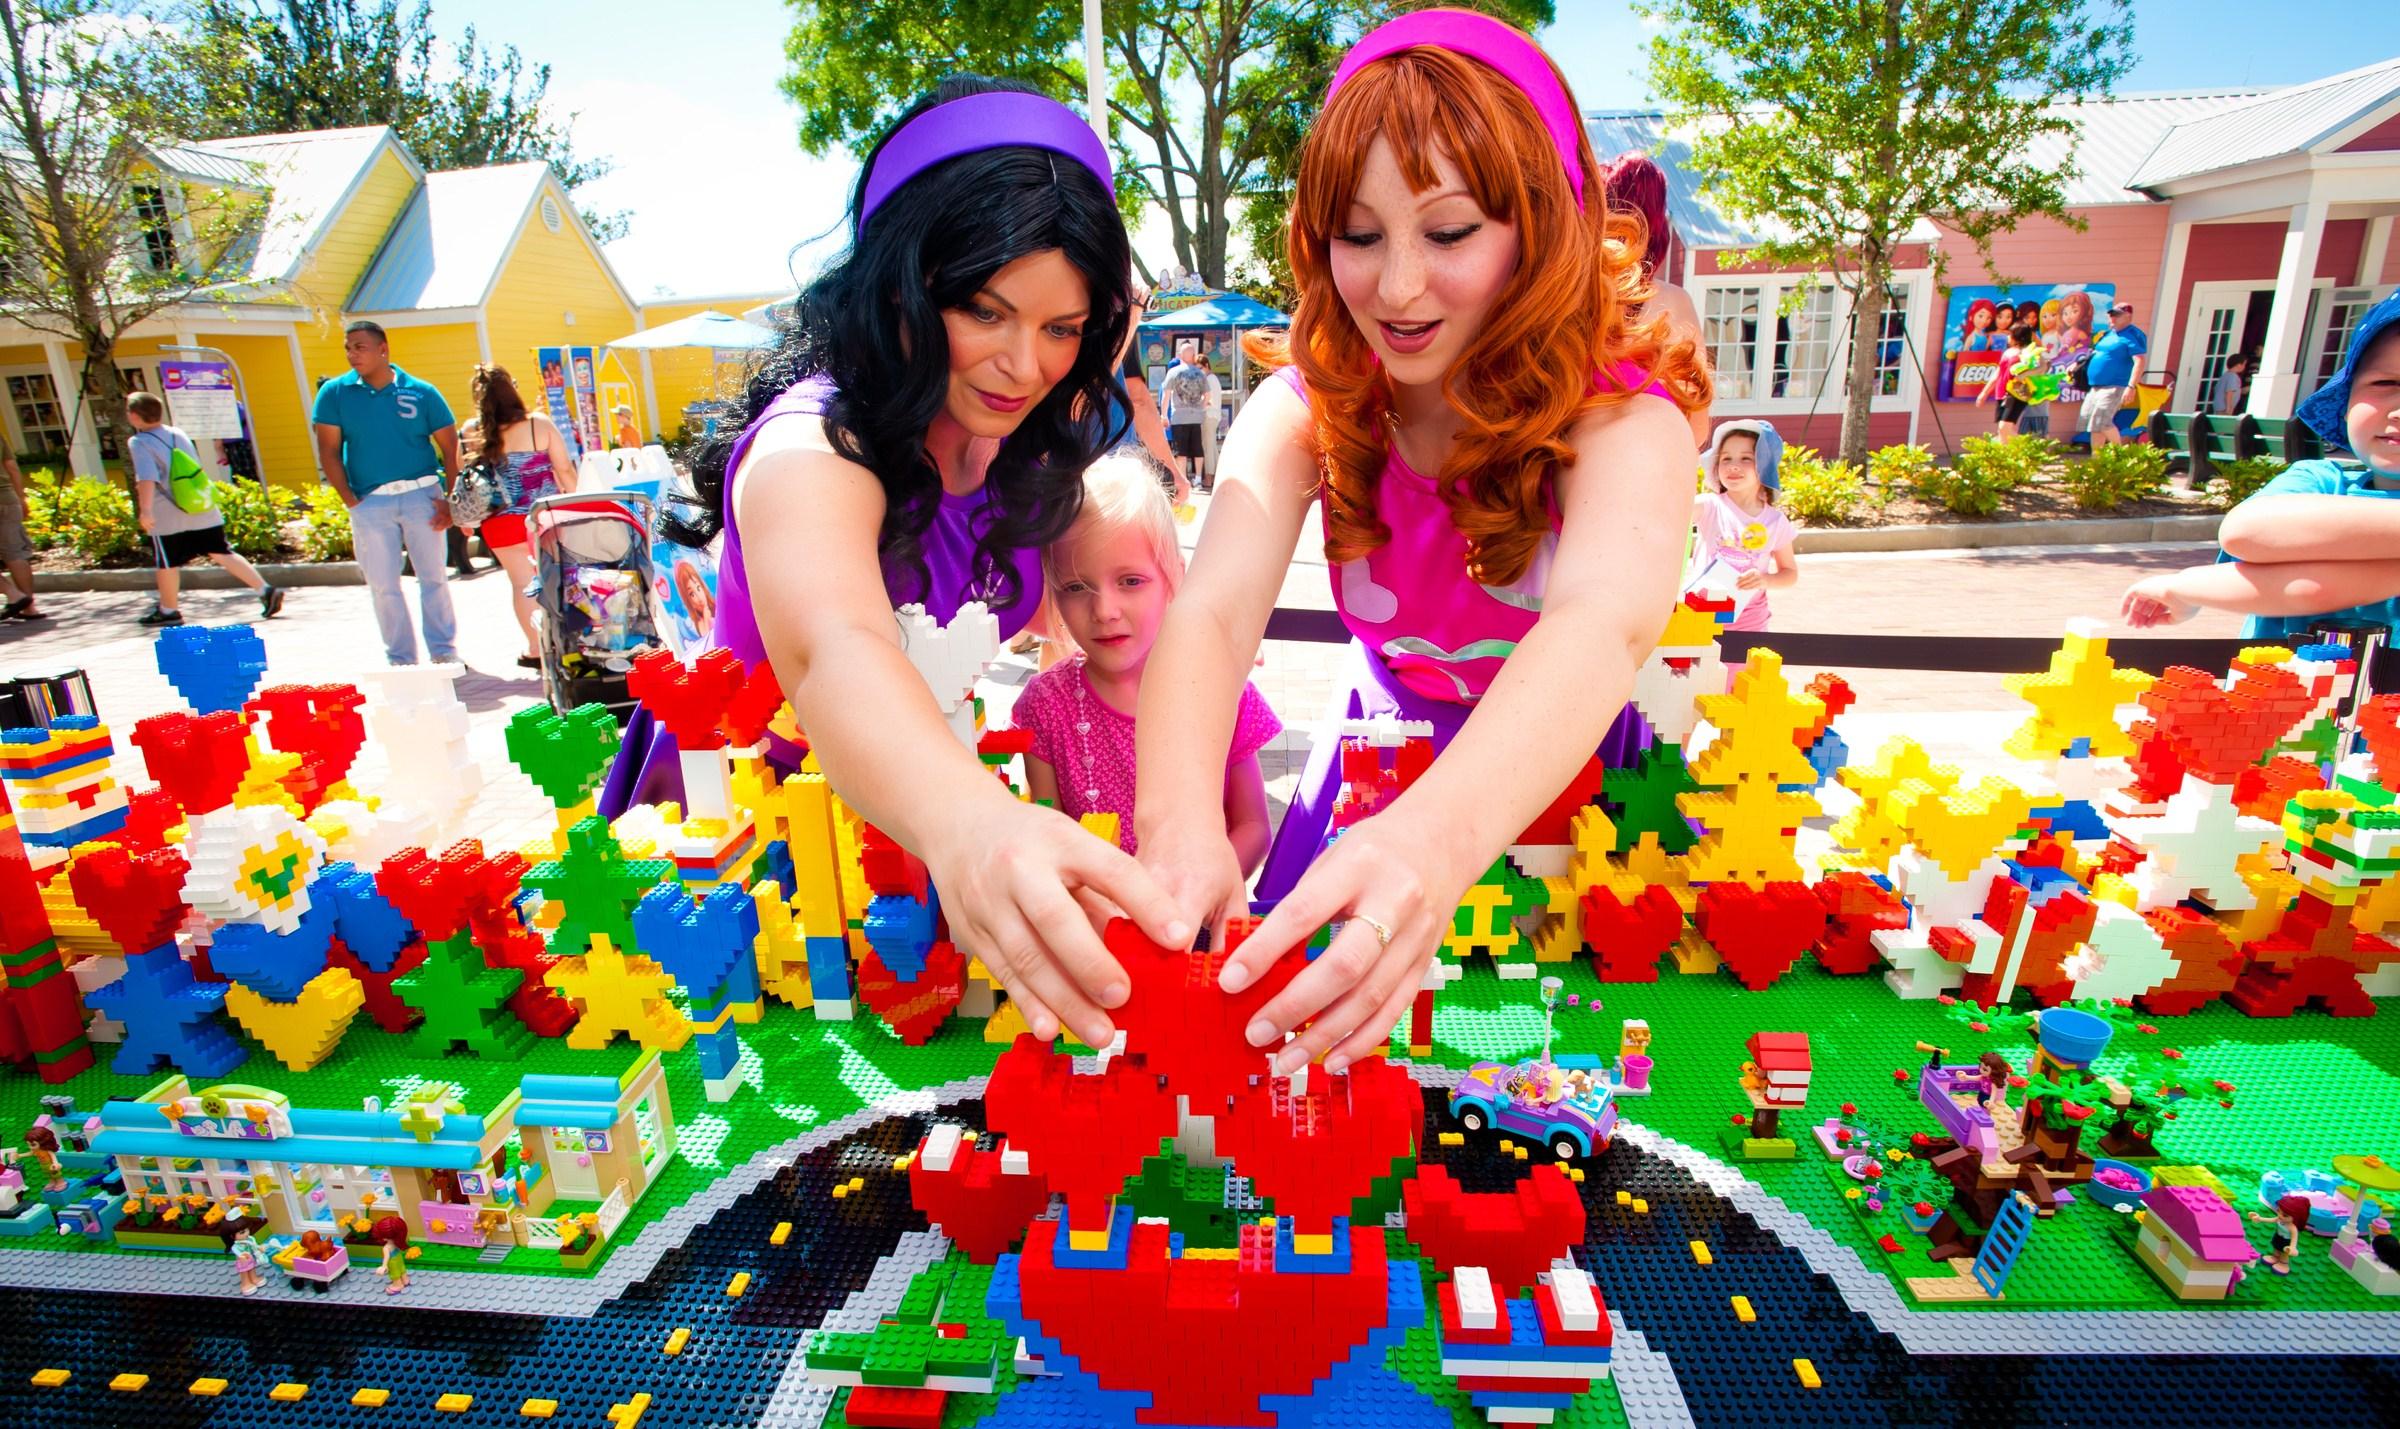 Enjoy Lego Friends Weekend At Legoland Florida Feb 15 16